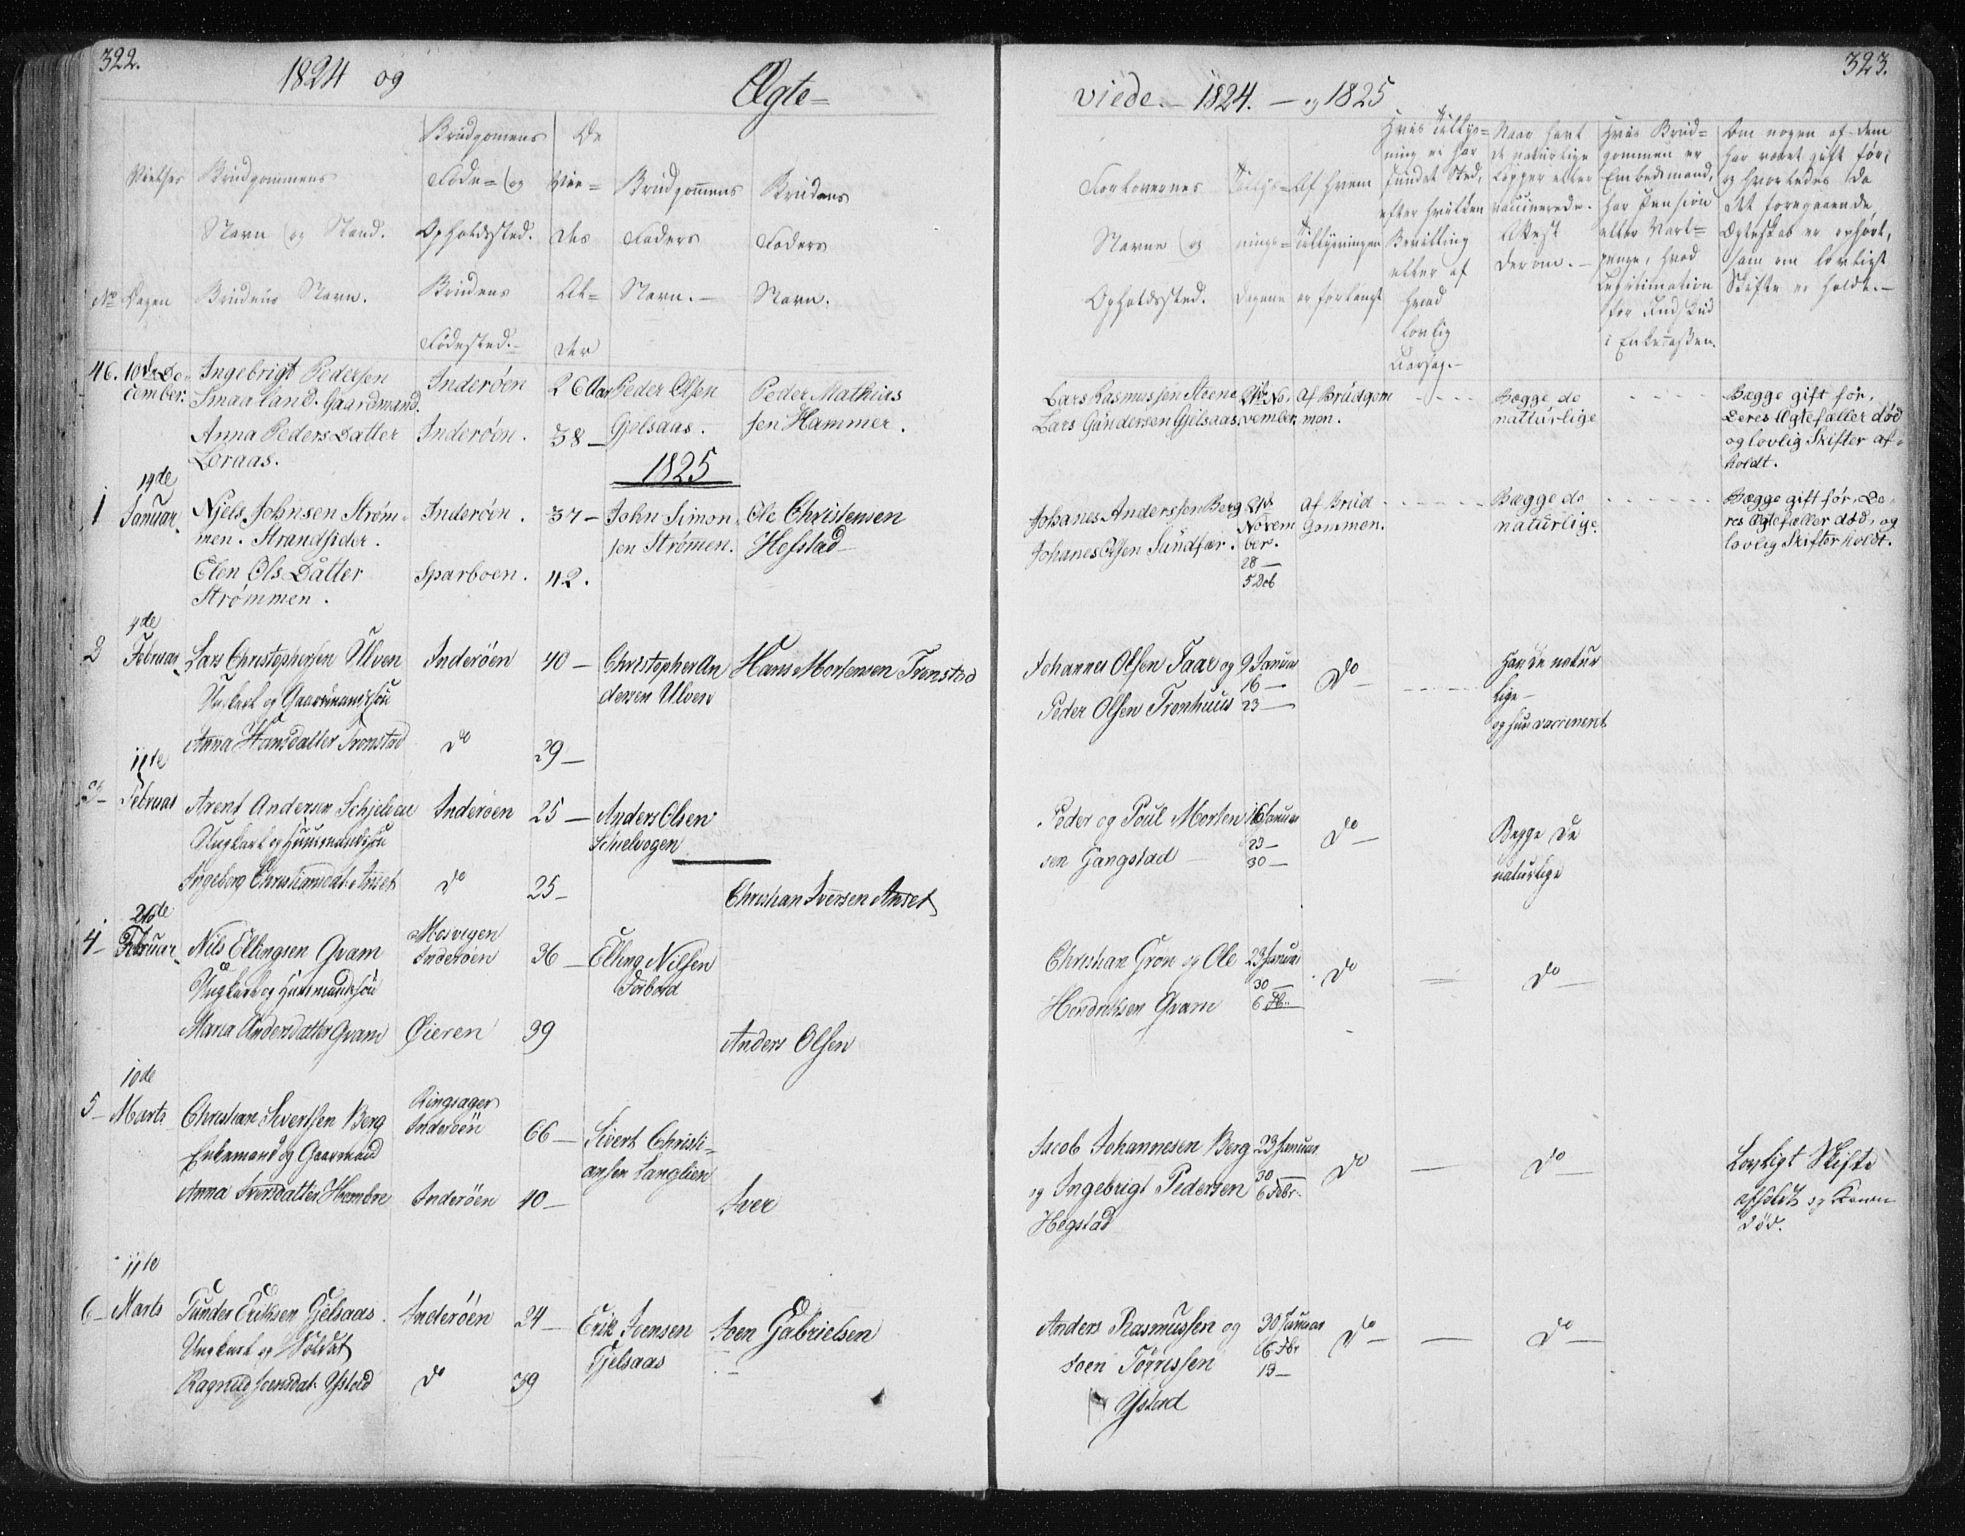 SAT, Ministerialprotokoller, klokkerbøker og fødselsregistre - Nord-Trøndelag, 730/L0276: Ministerialbok nr. 730A05, 1822-1830, s. 322-323